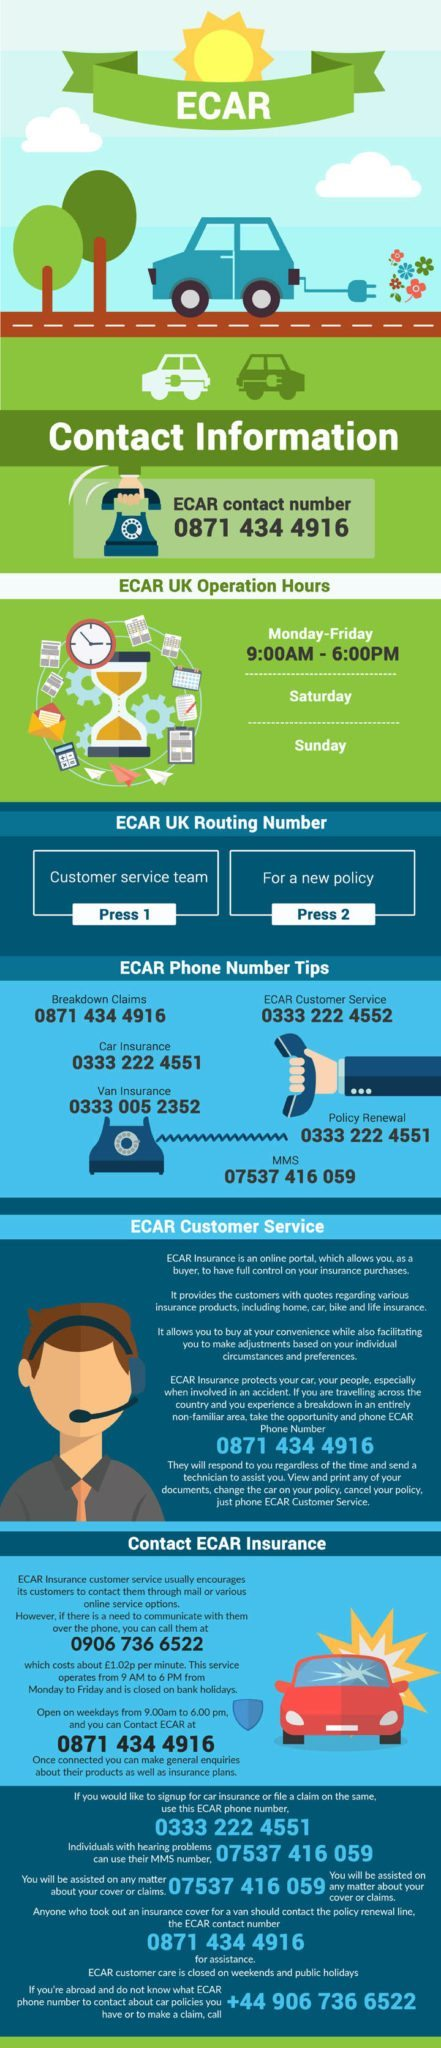 ECAR Customer Service